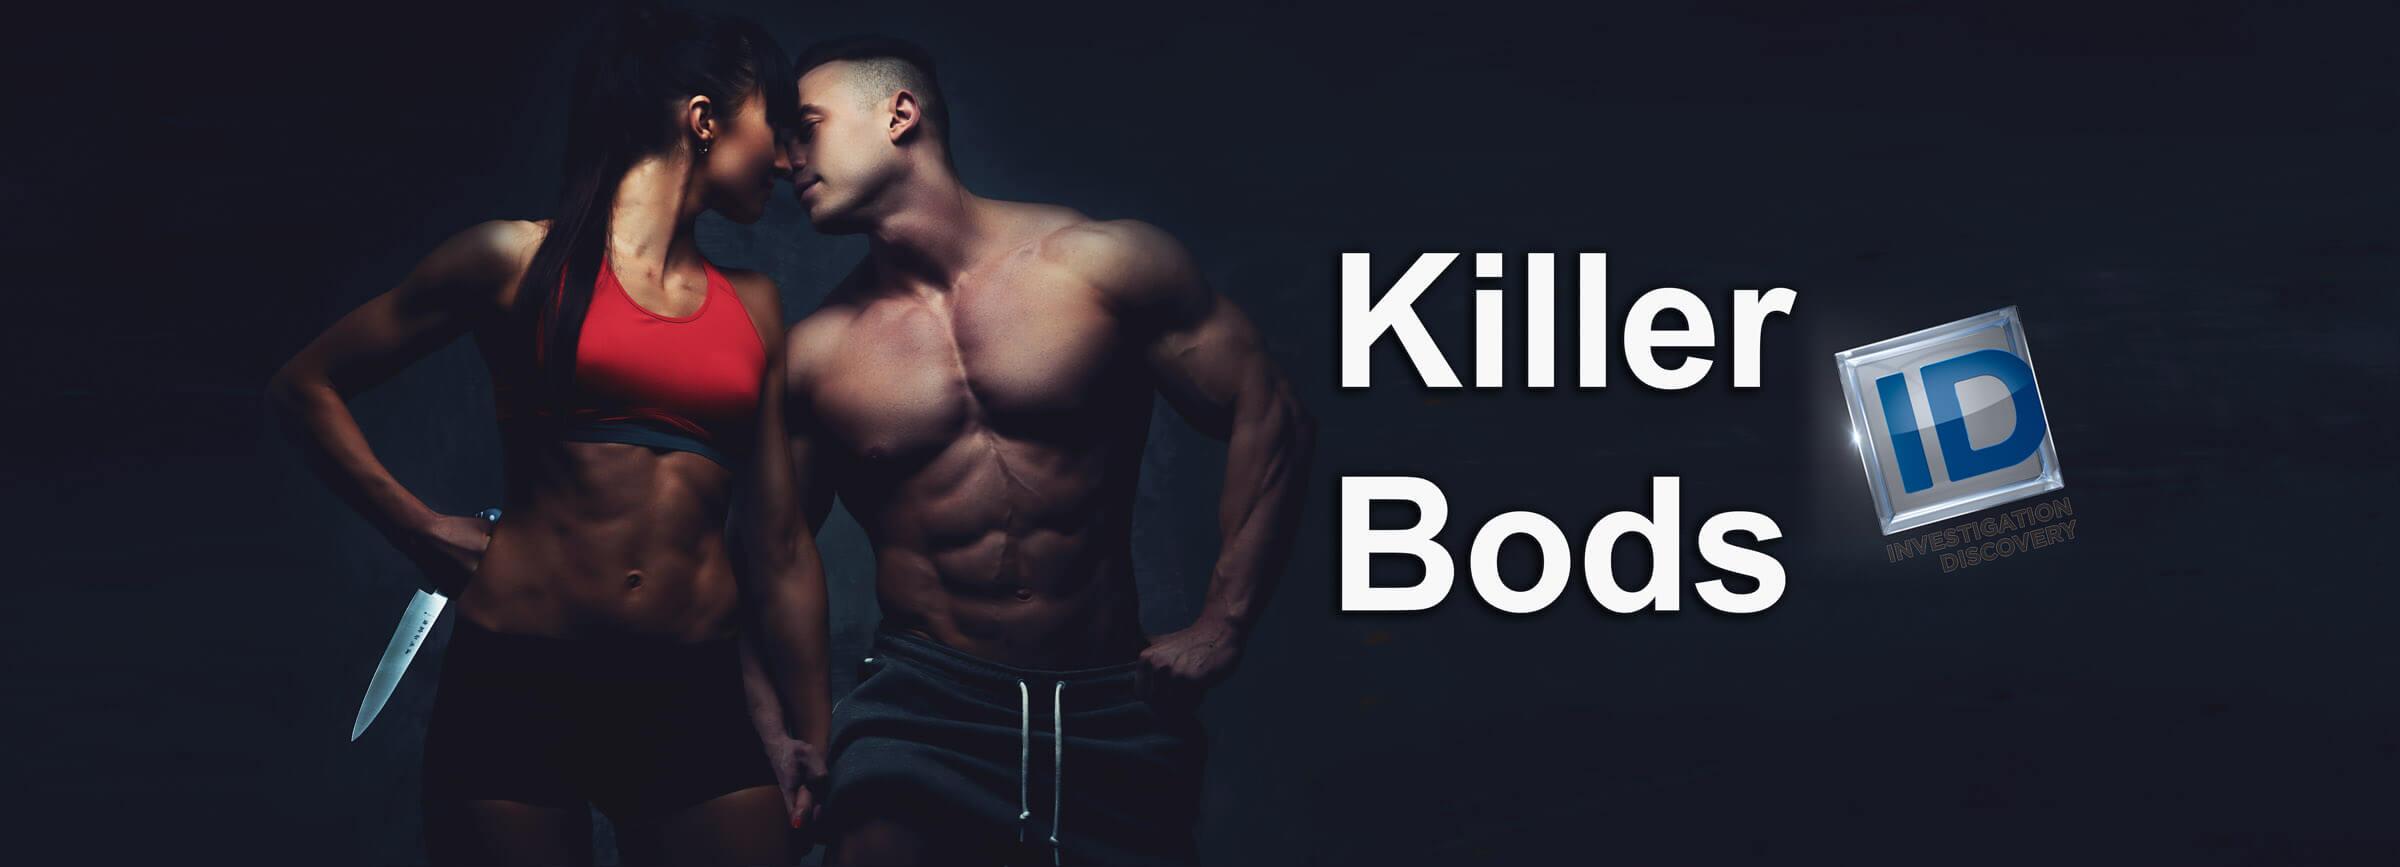 Killer Bods Smaller